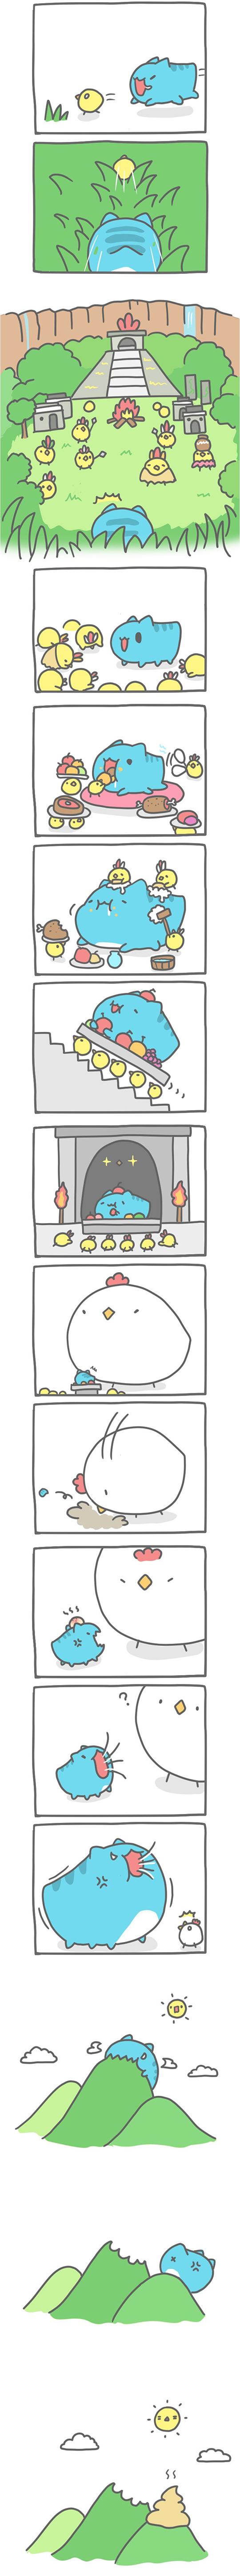 Truyện Mìn Lèo #120: Vương quốc gà con